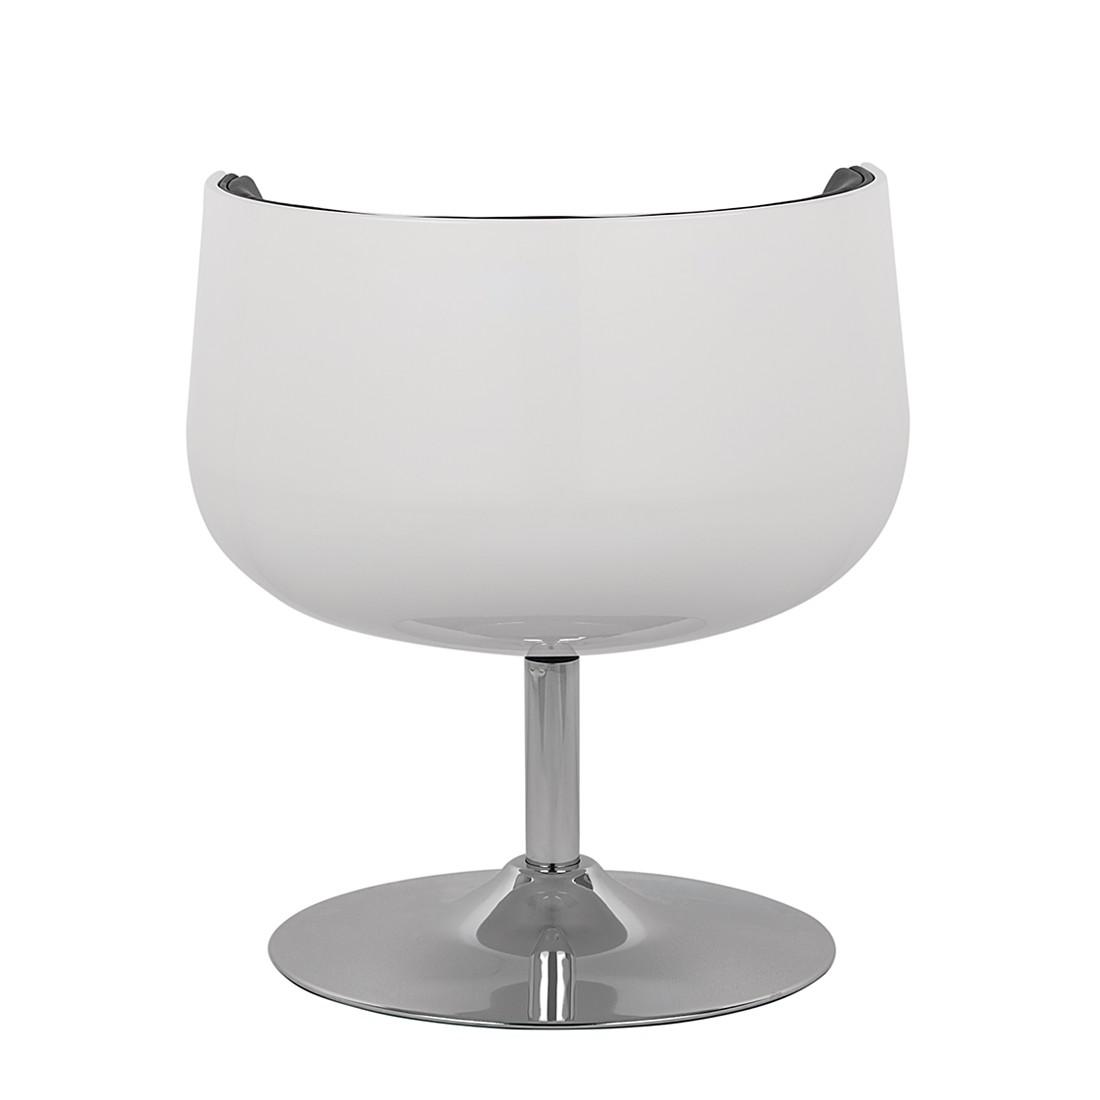 Loungesessel weiß  Jetzt bei Home24: Sessel von Fredriks | Home24